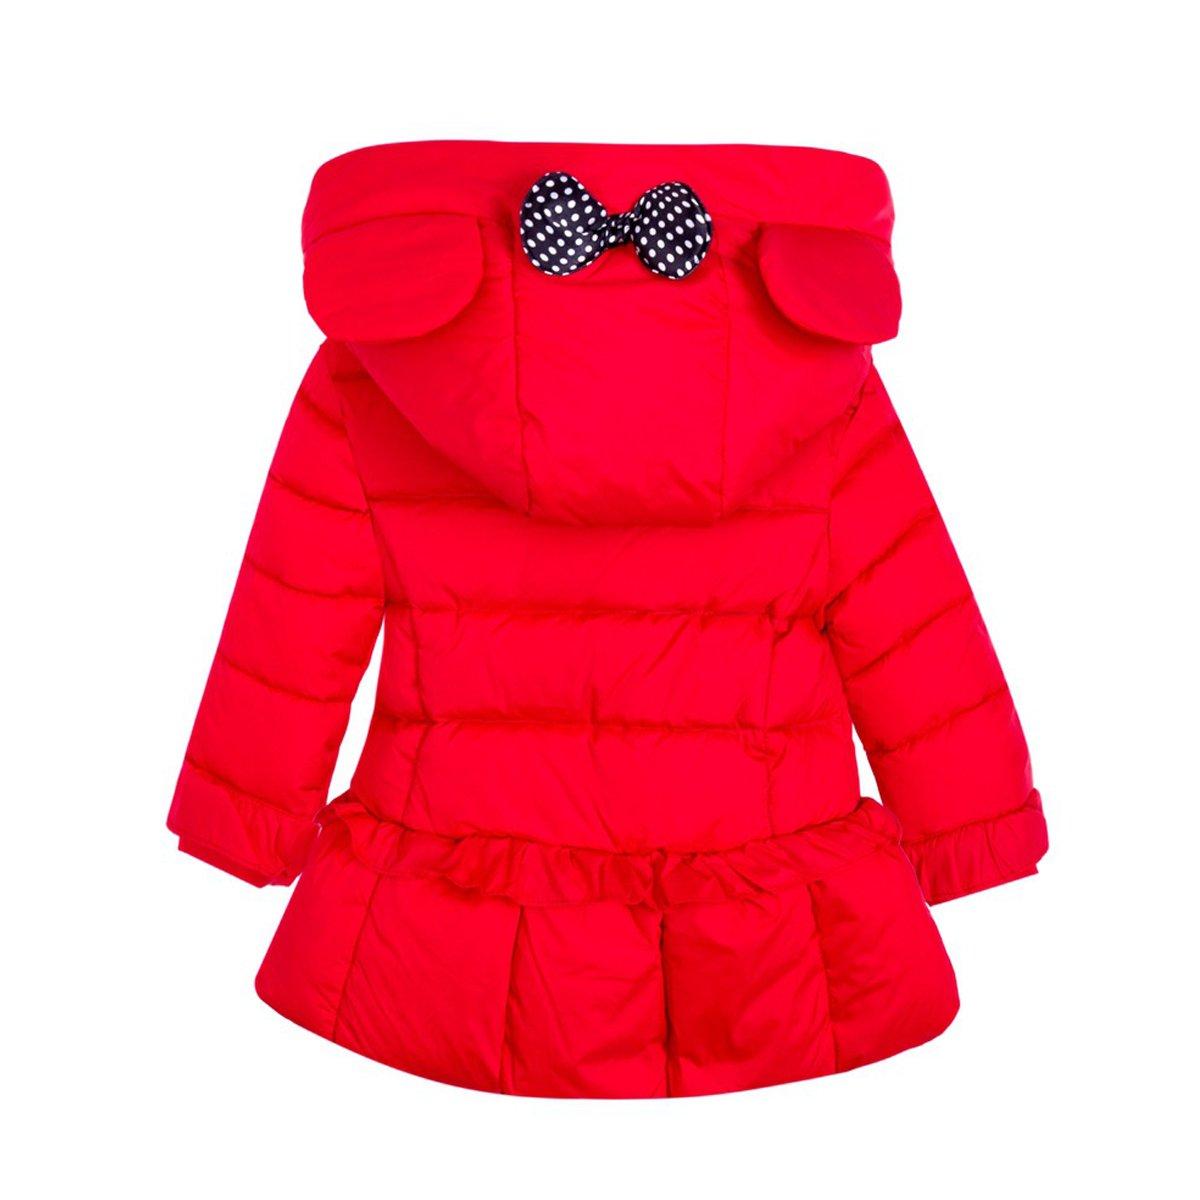 Ankoee Chaqueta Abrigo con Capucha para niñas de Pluma Plumón Invierno Mangas Largas 3 4 5 6 7 8 9 10 11 12 años - Rojo Púrpura Rosa: Amazon.es: Ropa y ...